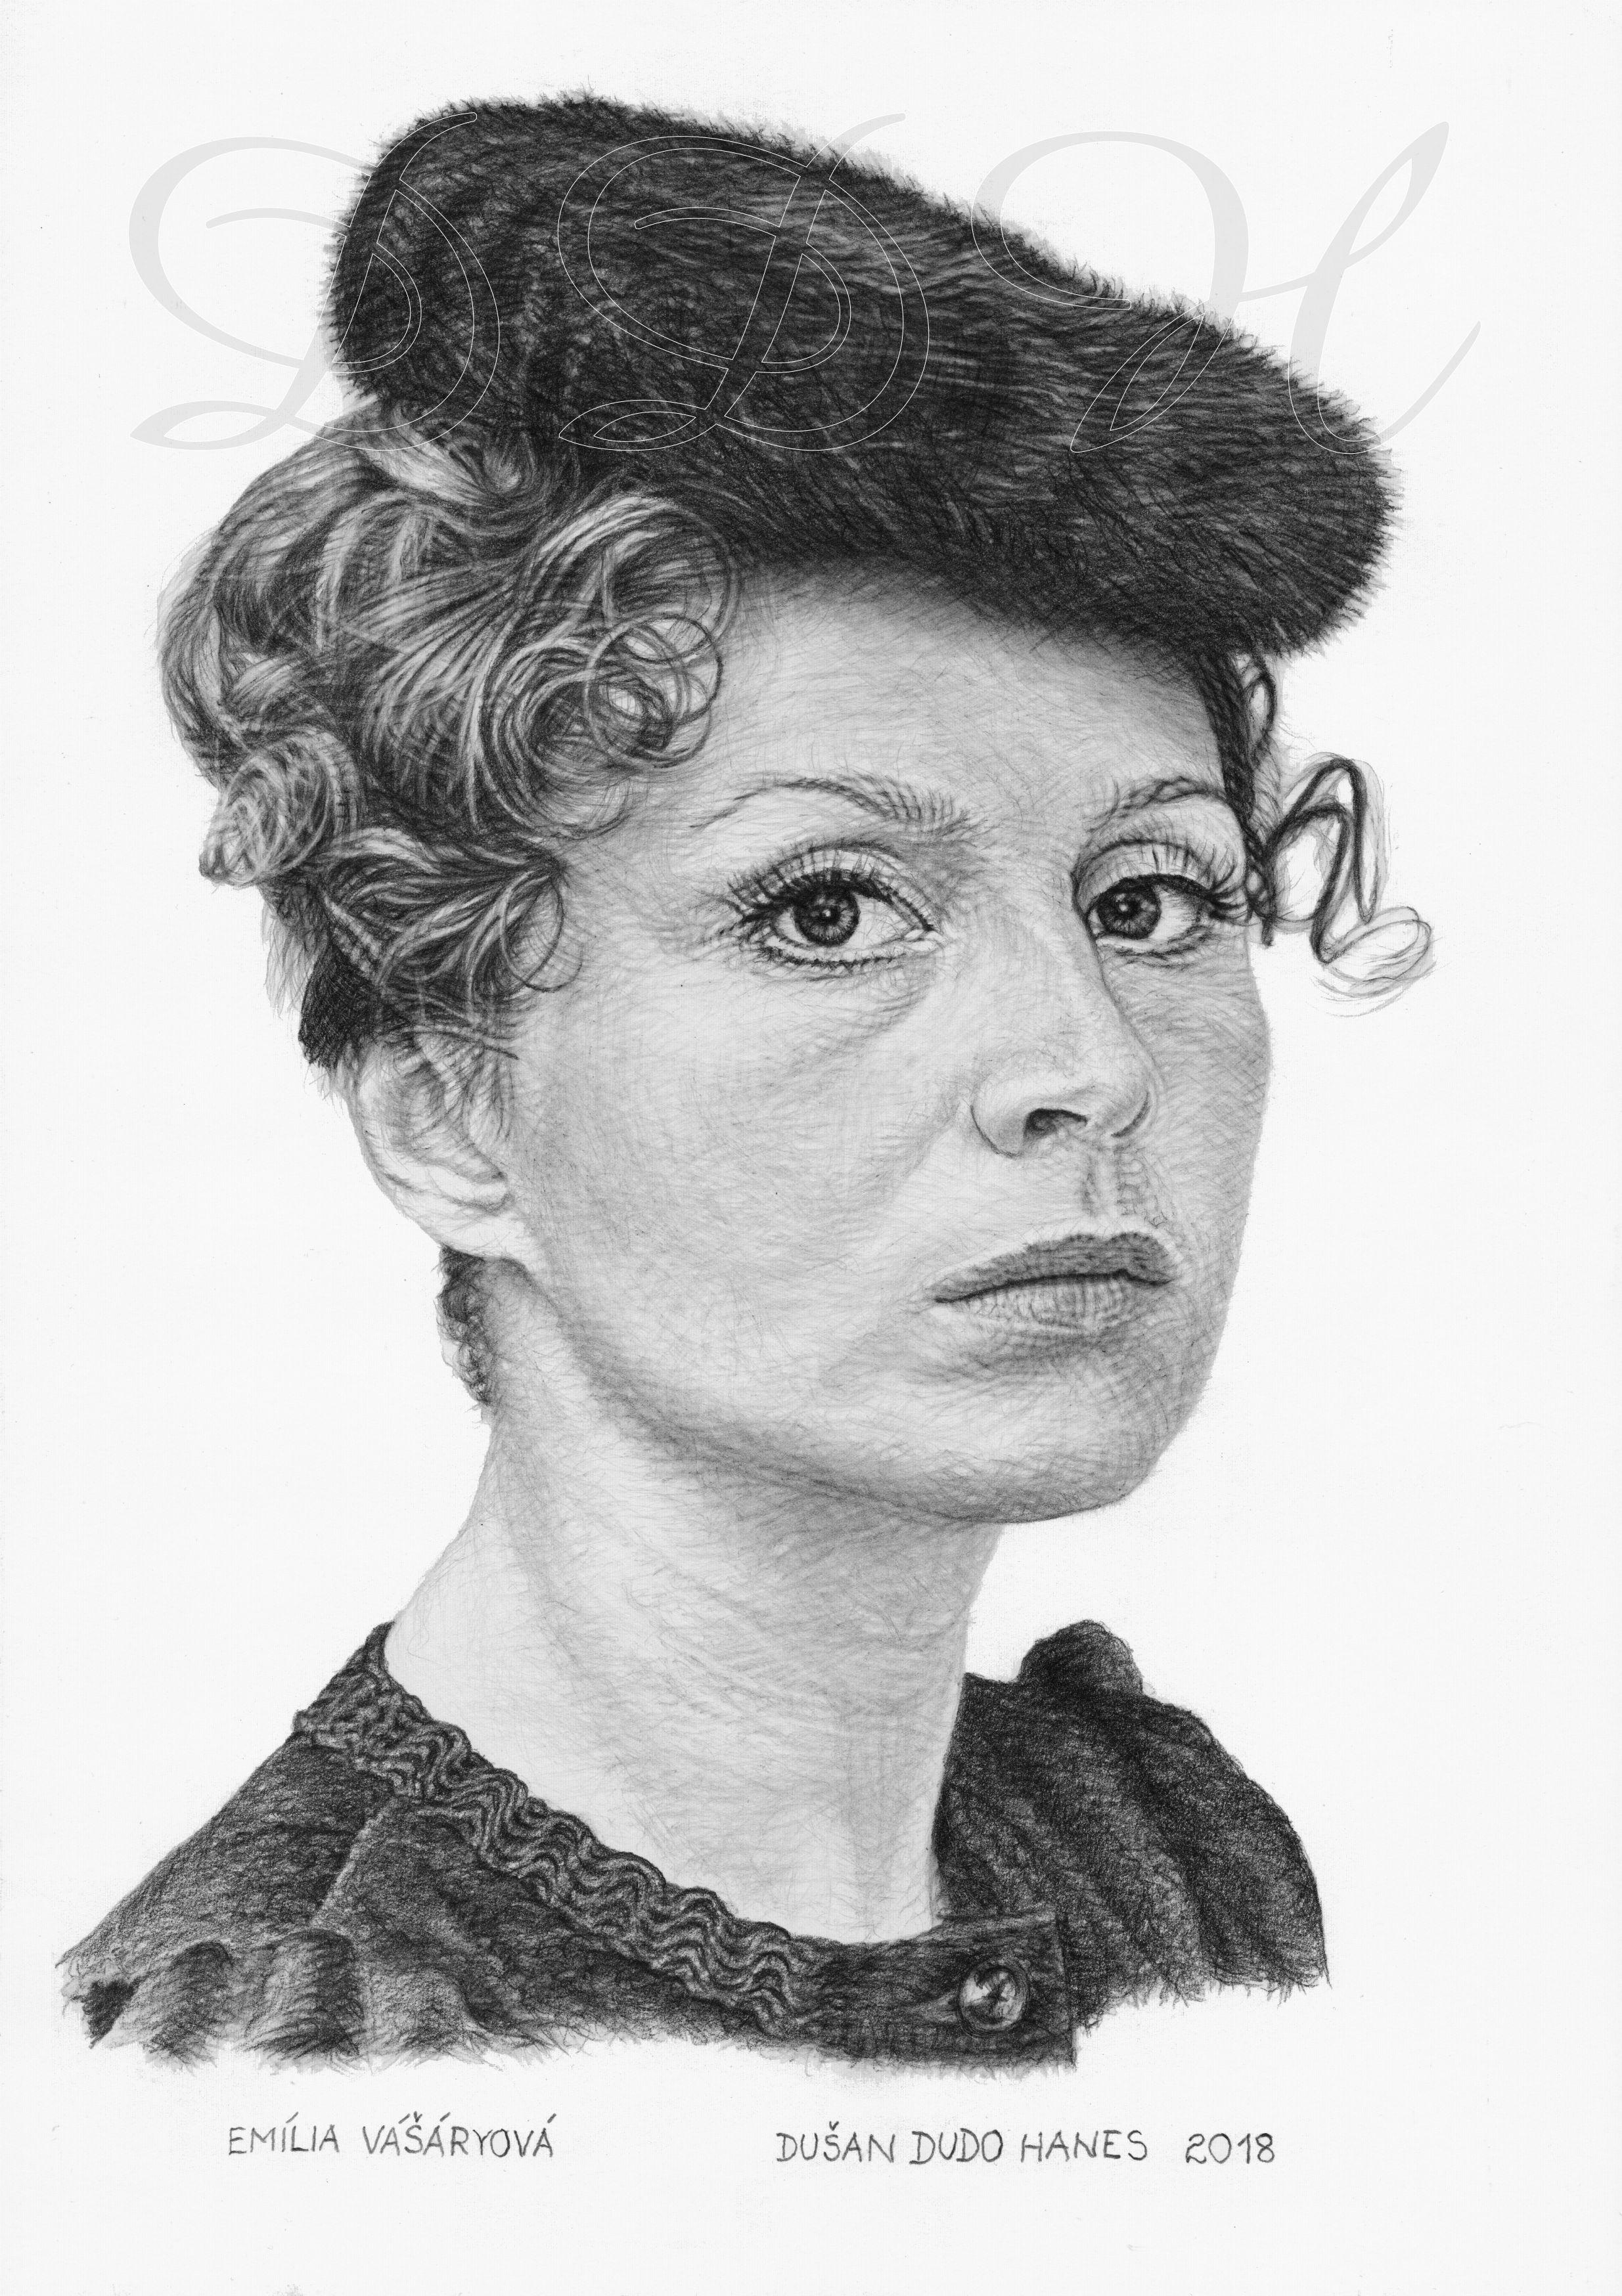 99 - Emília Vášáryová, portrét Dušan Dudo Hanes